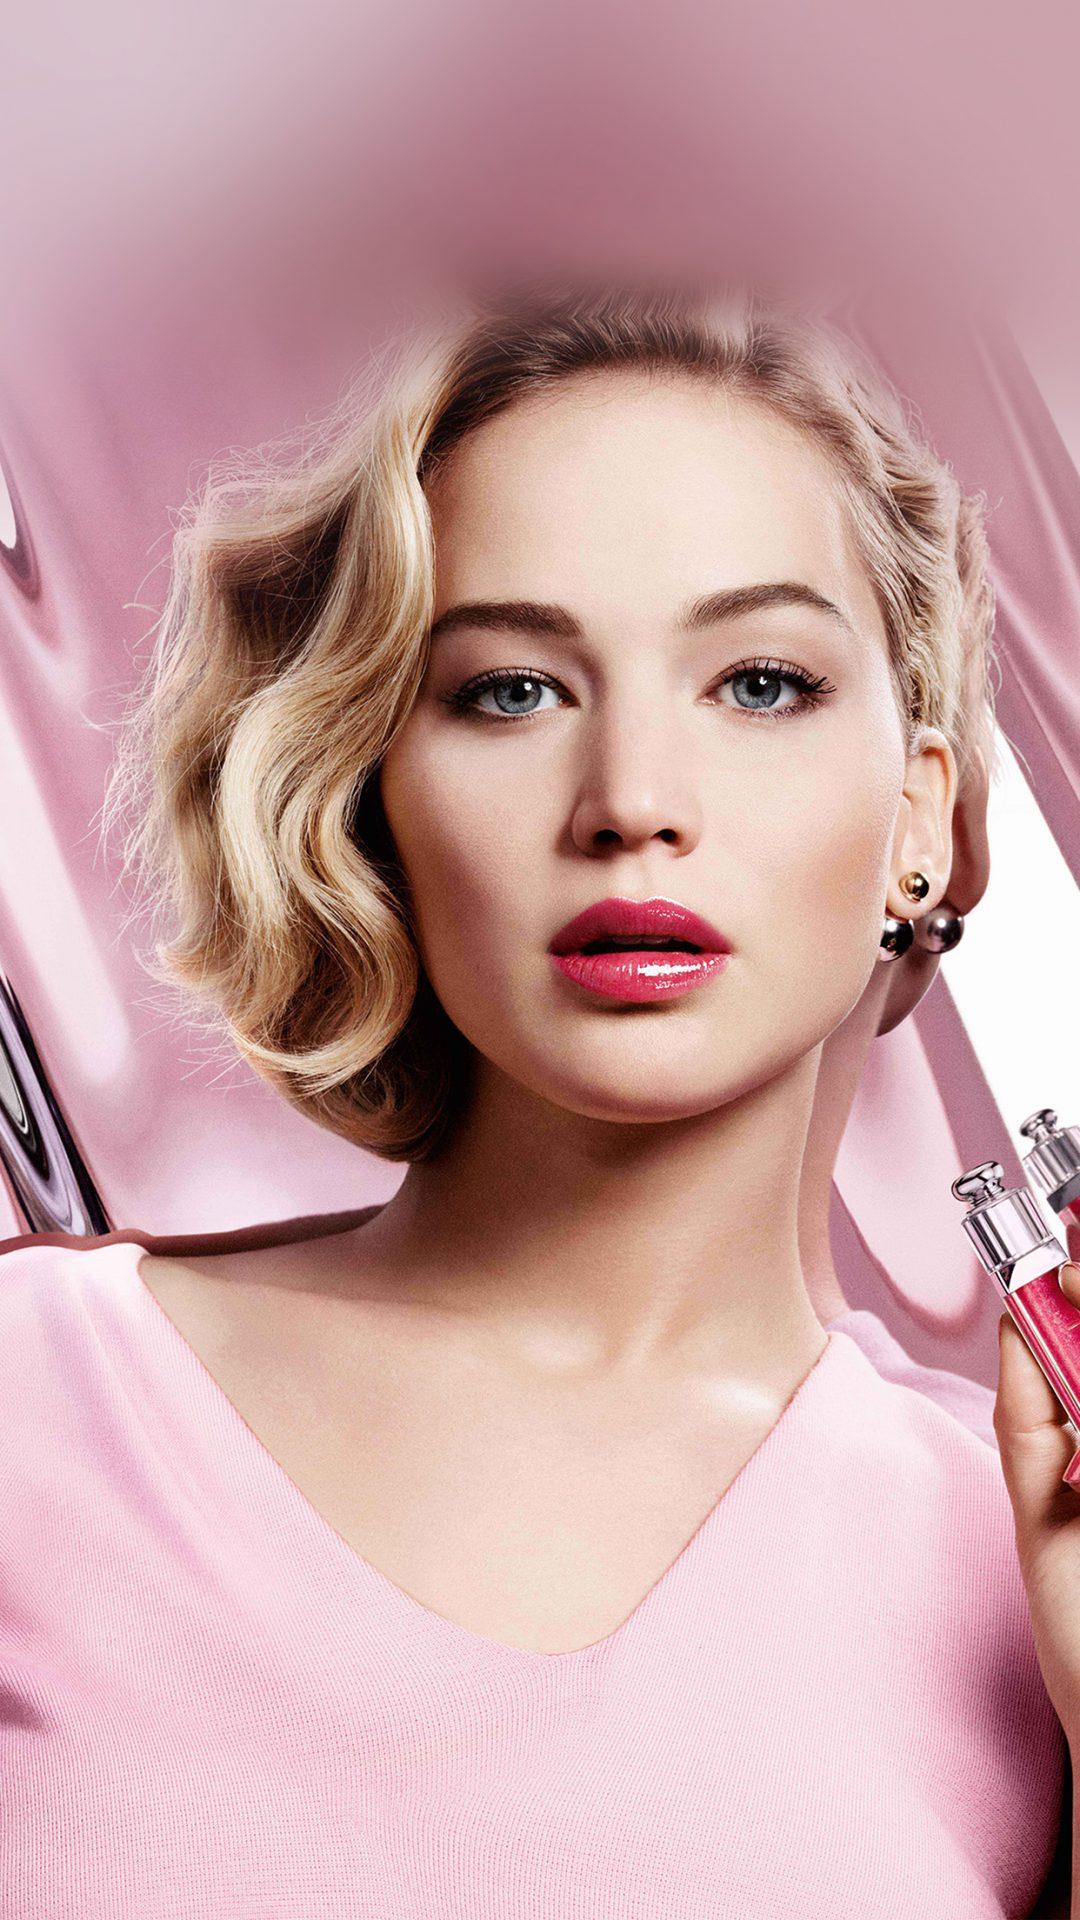 Jennifer Lawrence Pink Model Celebrity Lips